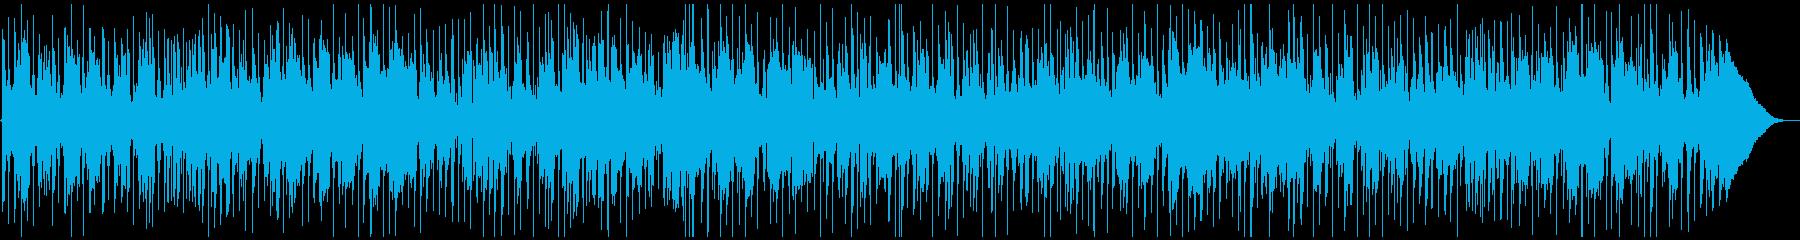 モダンなR&B風BGMの再生済みの波形